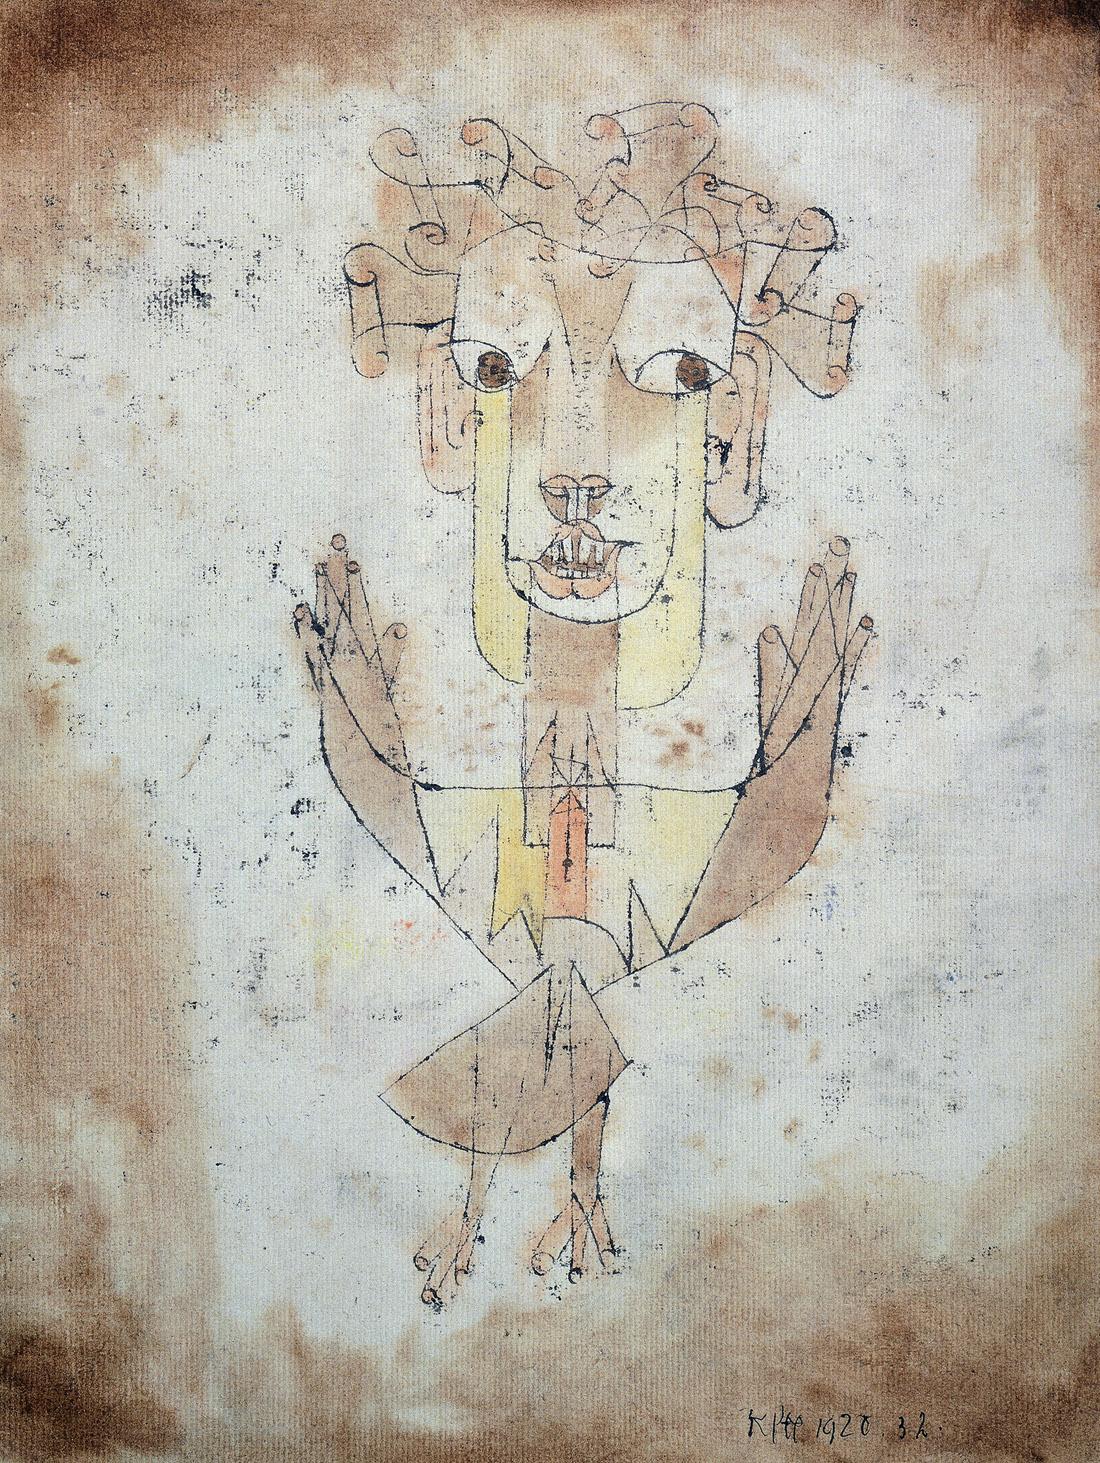 Angelus Novus, by Paul Klee, 1920. Israel Museum, Jerusalem.